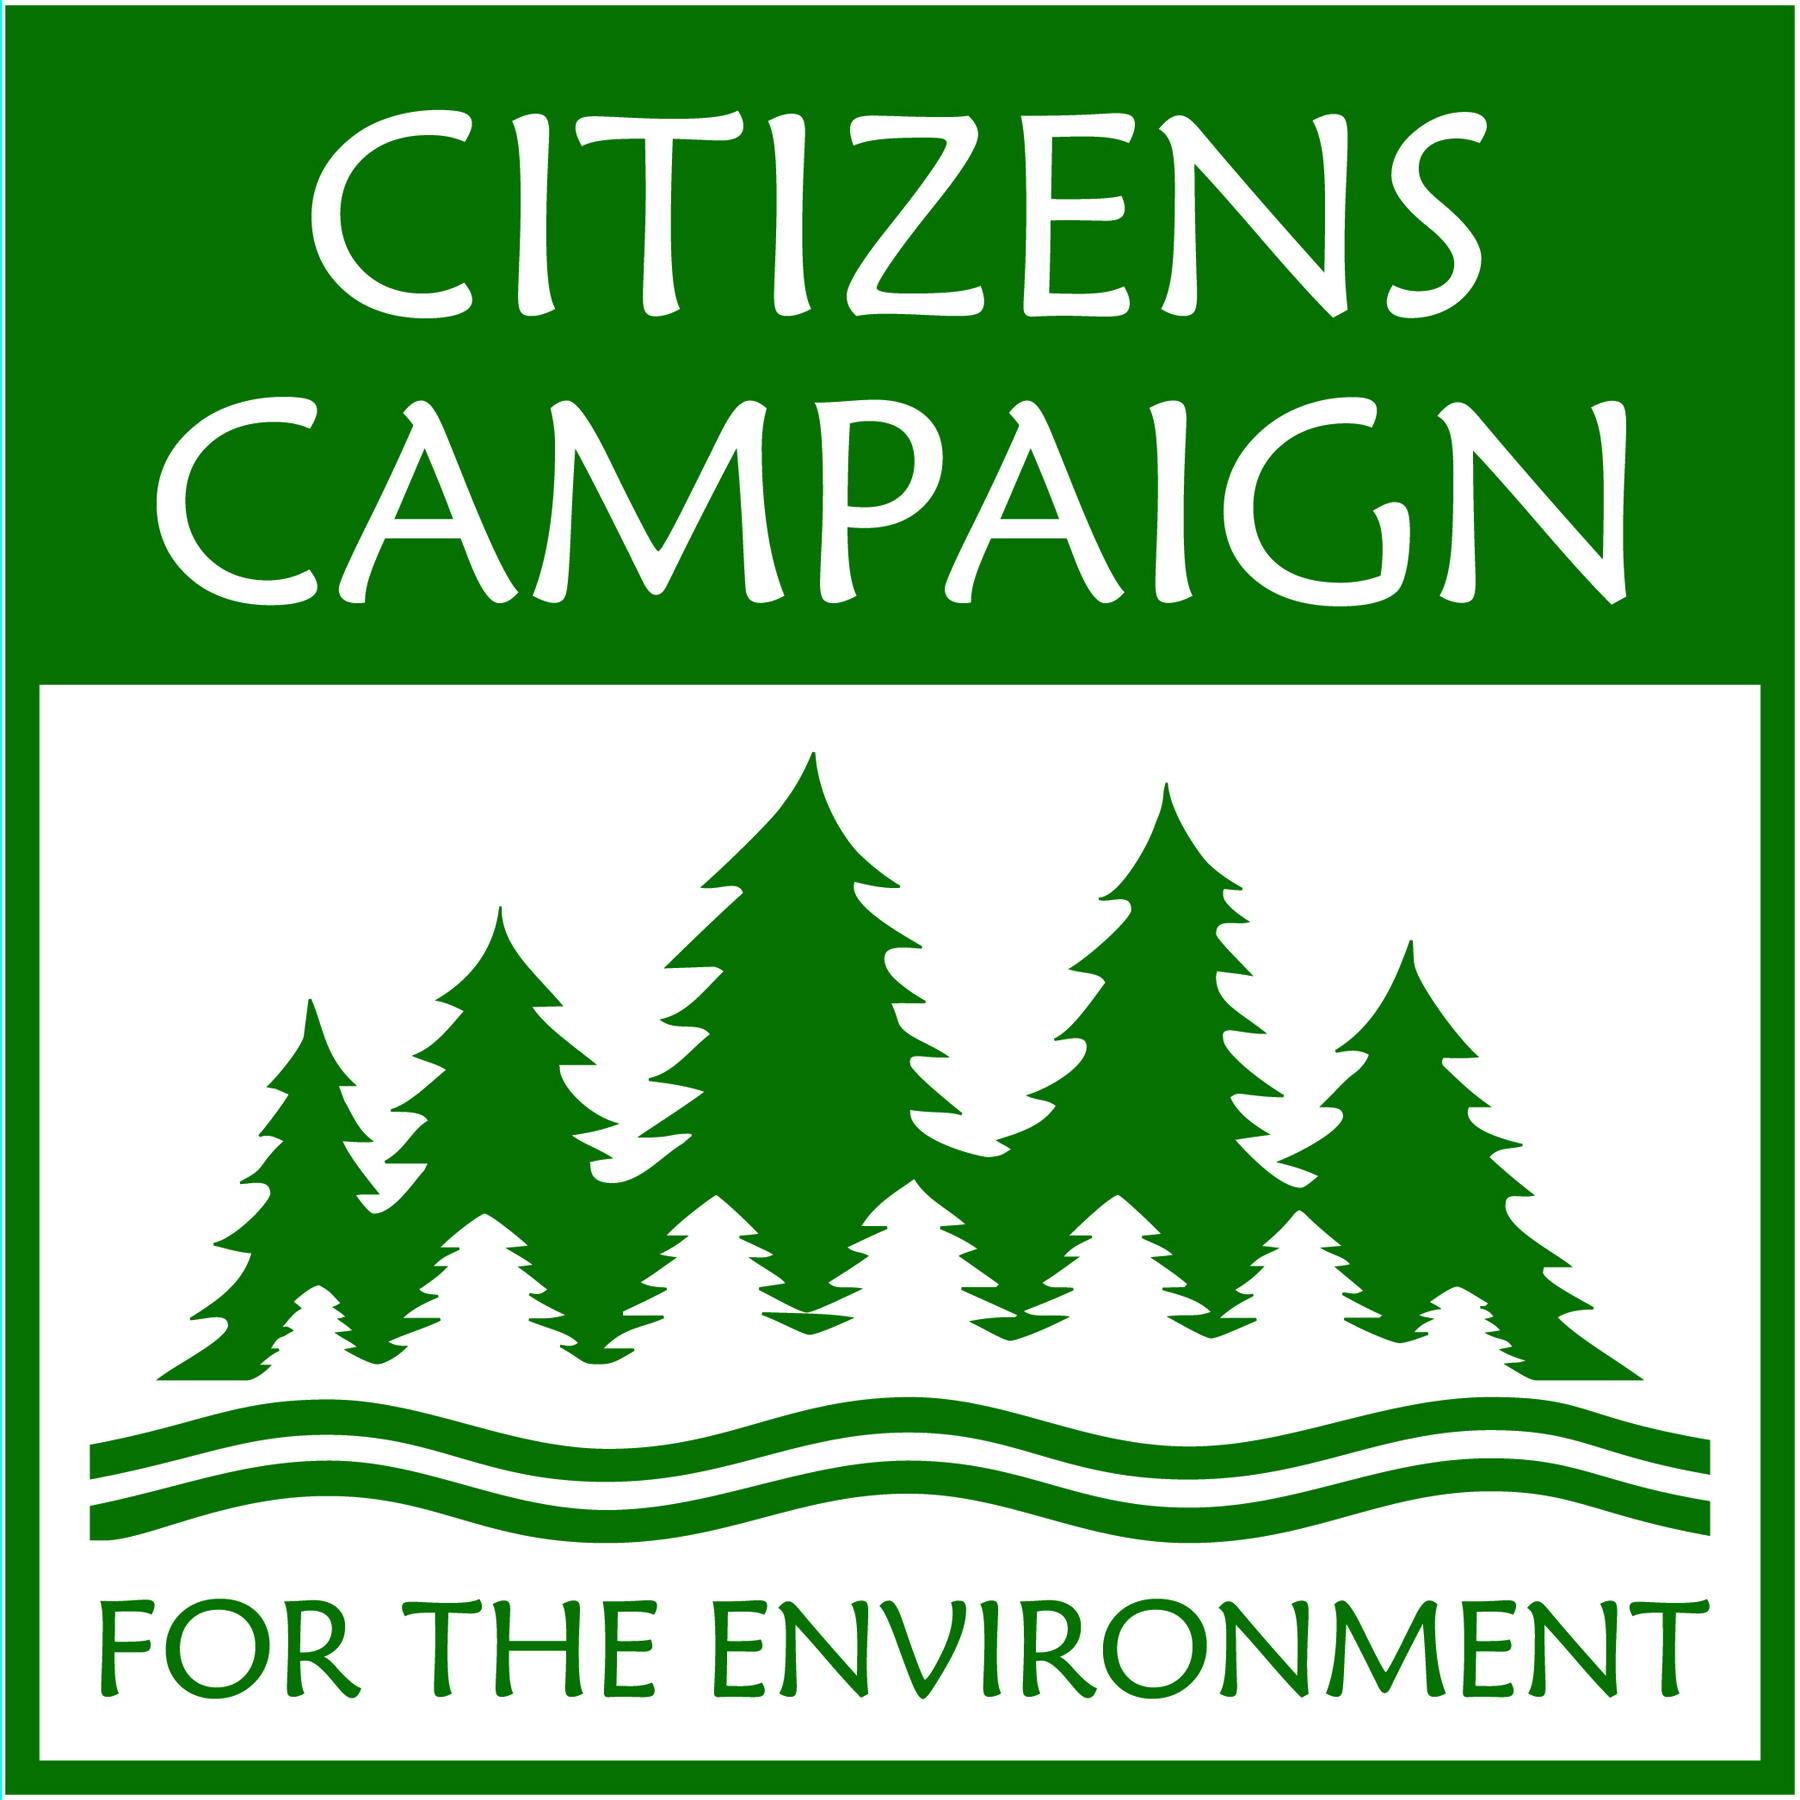 CitizensCampaignForTheEnvironment-logo